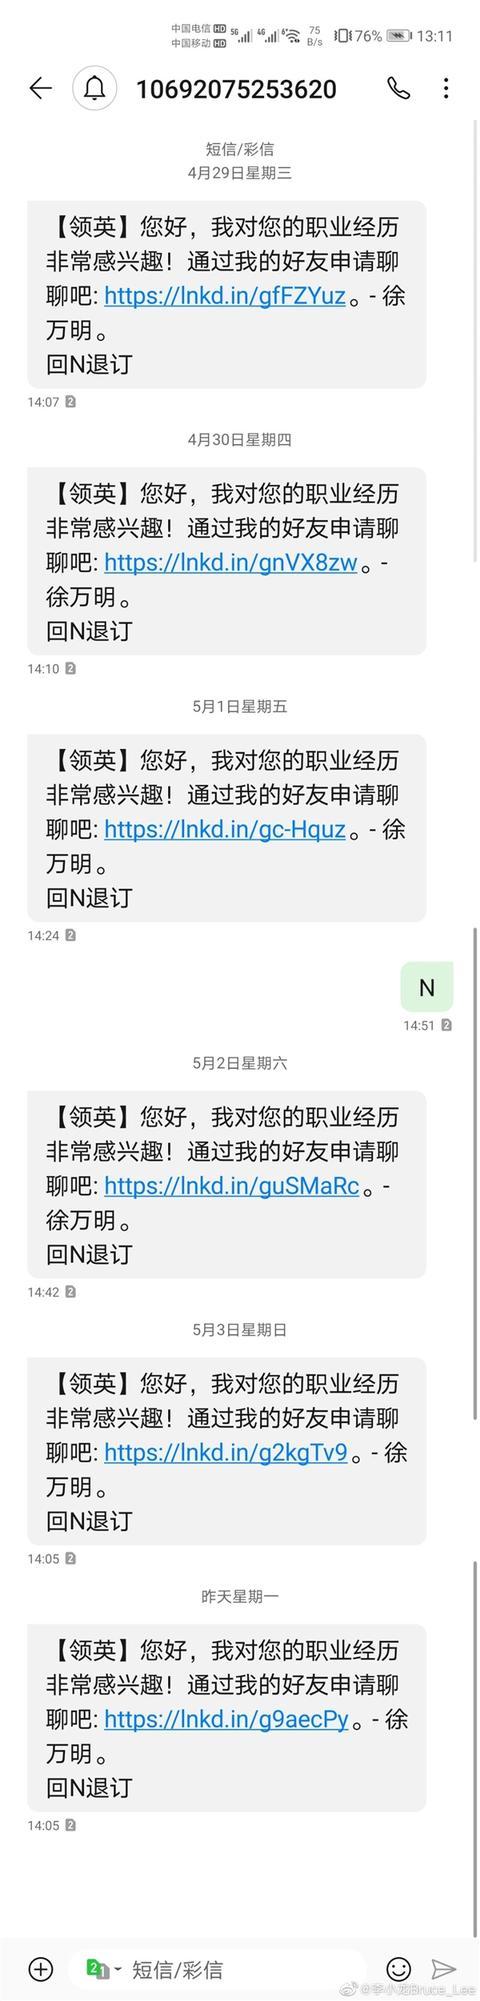 """华为产品线副总遭""""挖人""""短信轰炸 退订无用点名吐槽"""